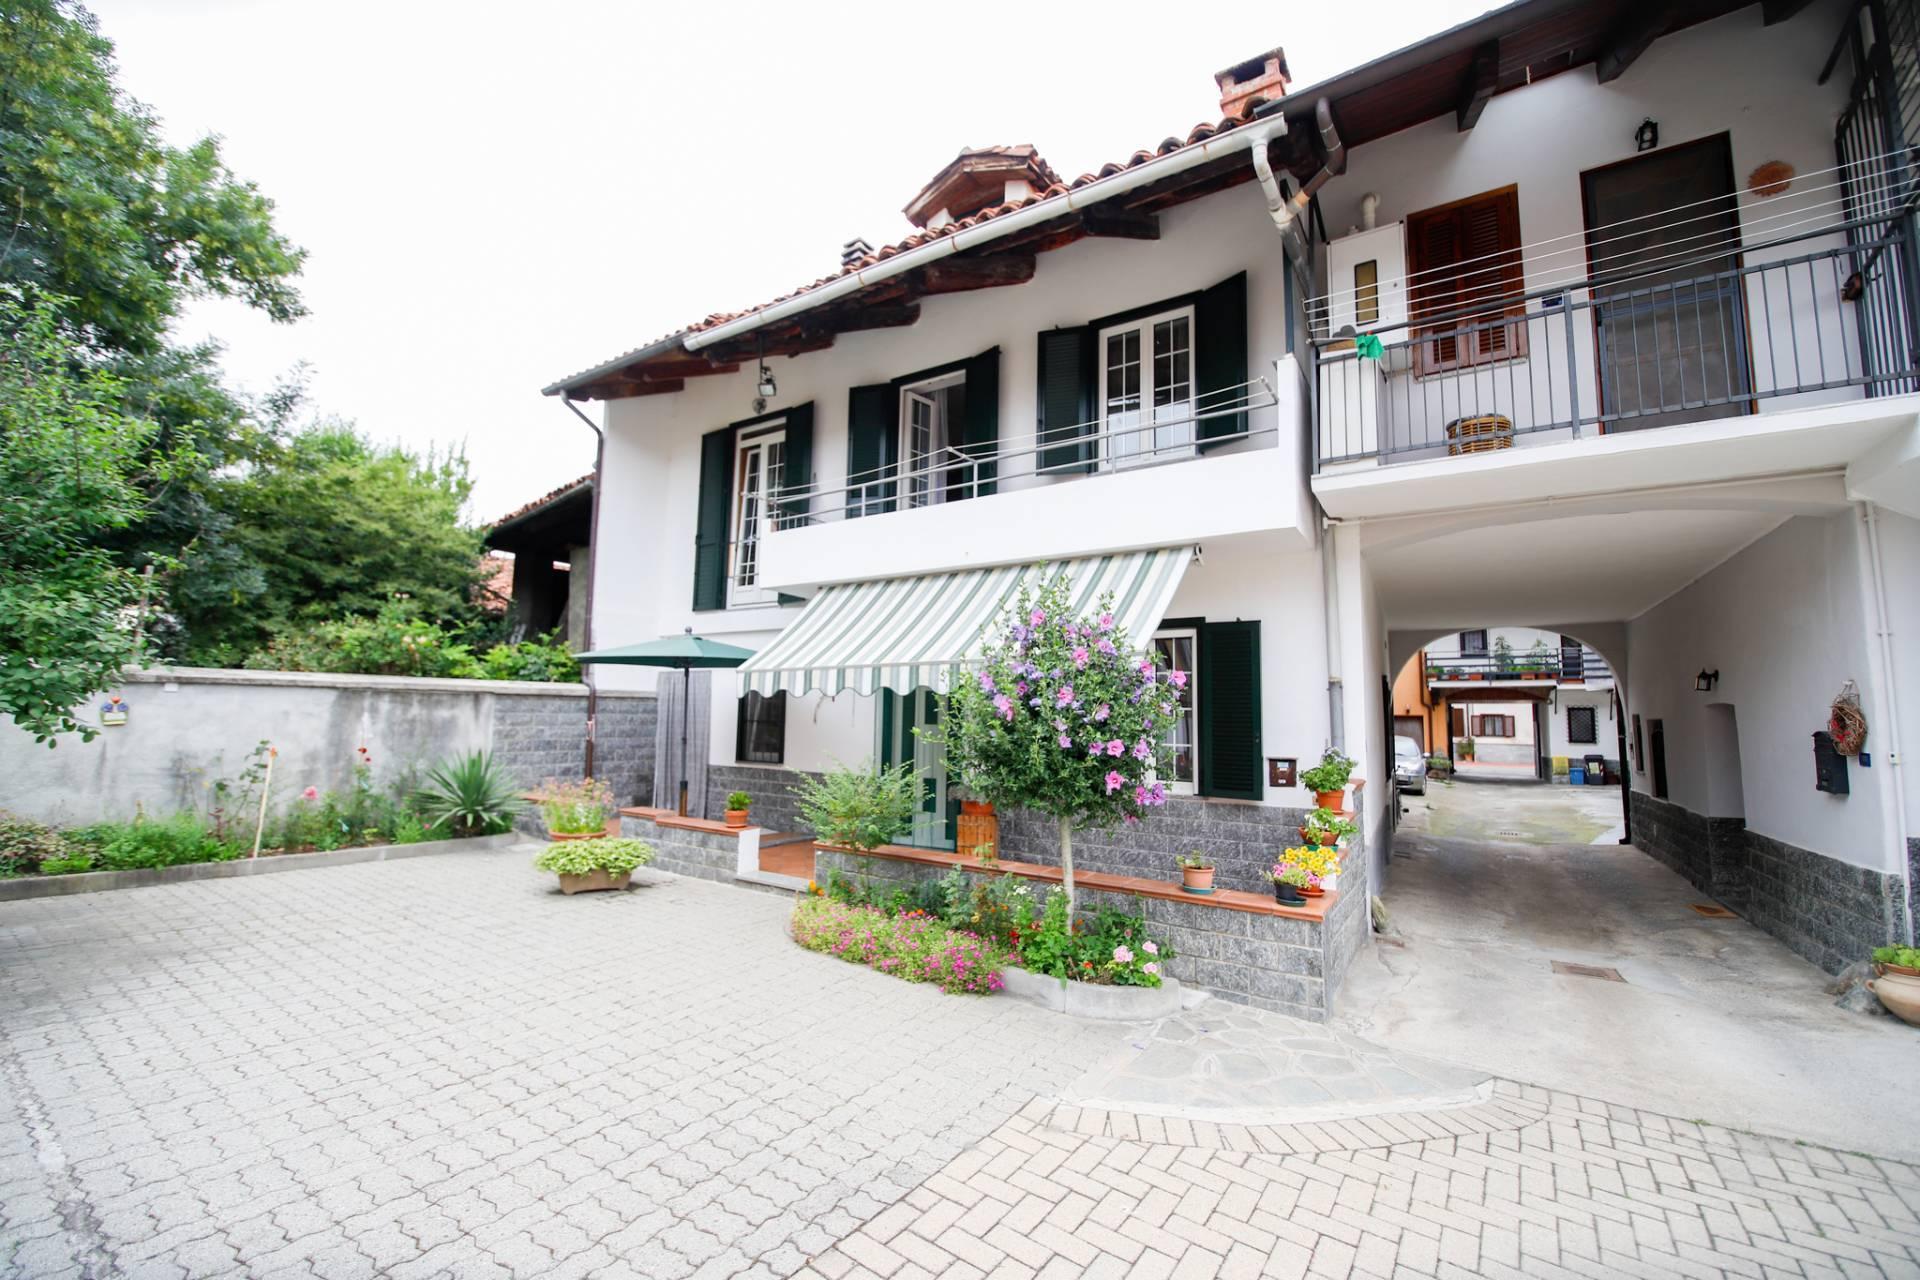 Appartamento in vendita a Volpiano, 6 locali, prezzo € 145.000 | CambioCasa.it